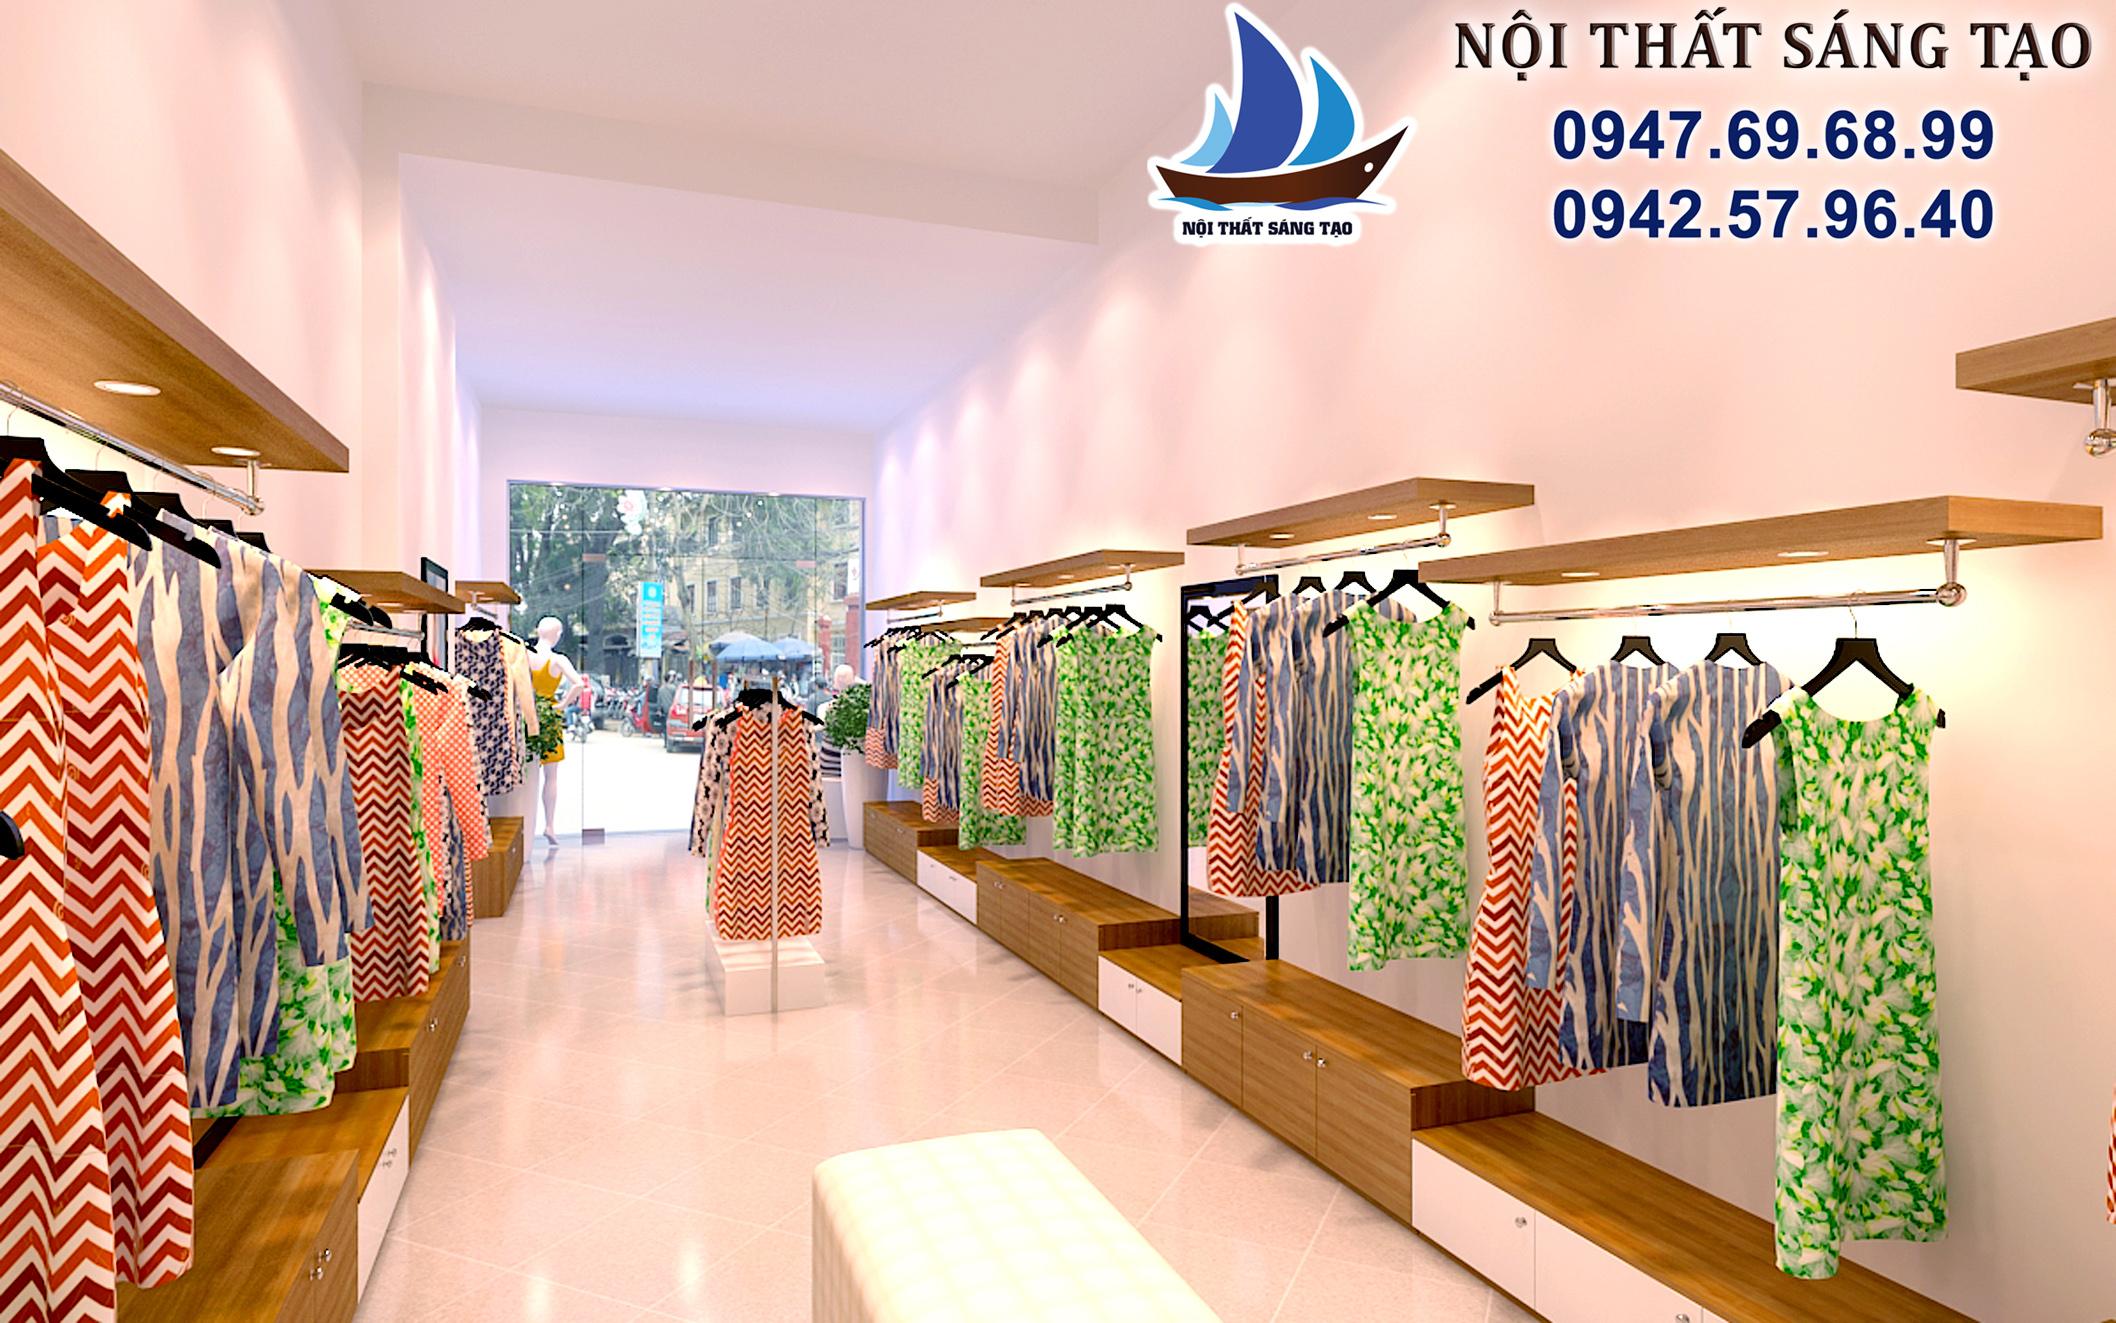 thiết kế cửa hàng chuyên nghiệp